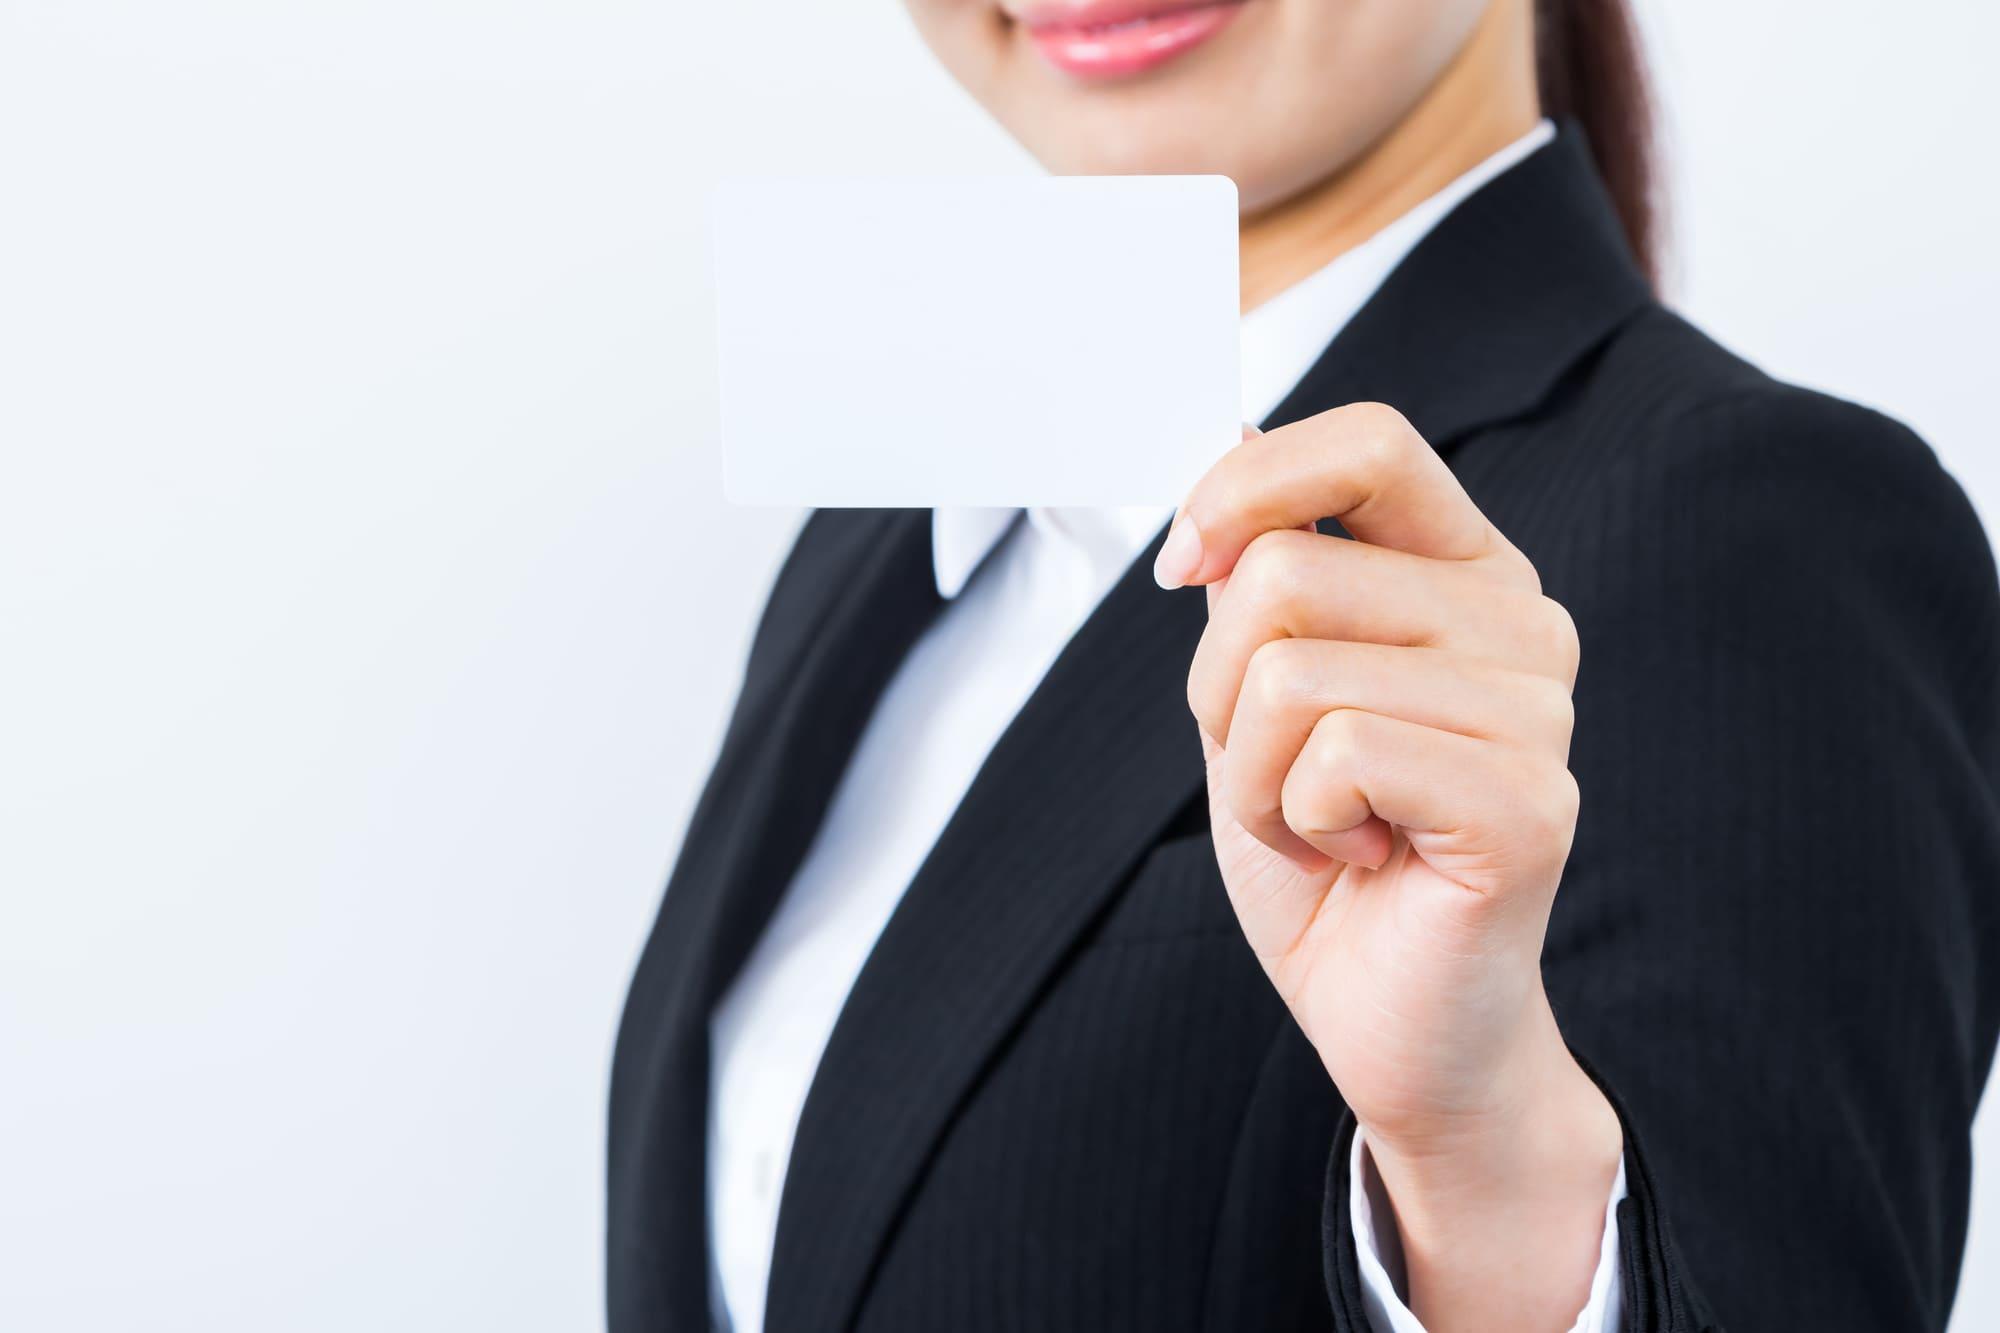 マイナンバーが無い時のふるさと納税はどうやって申請する?紛失した際の対処法3つを紹介!